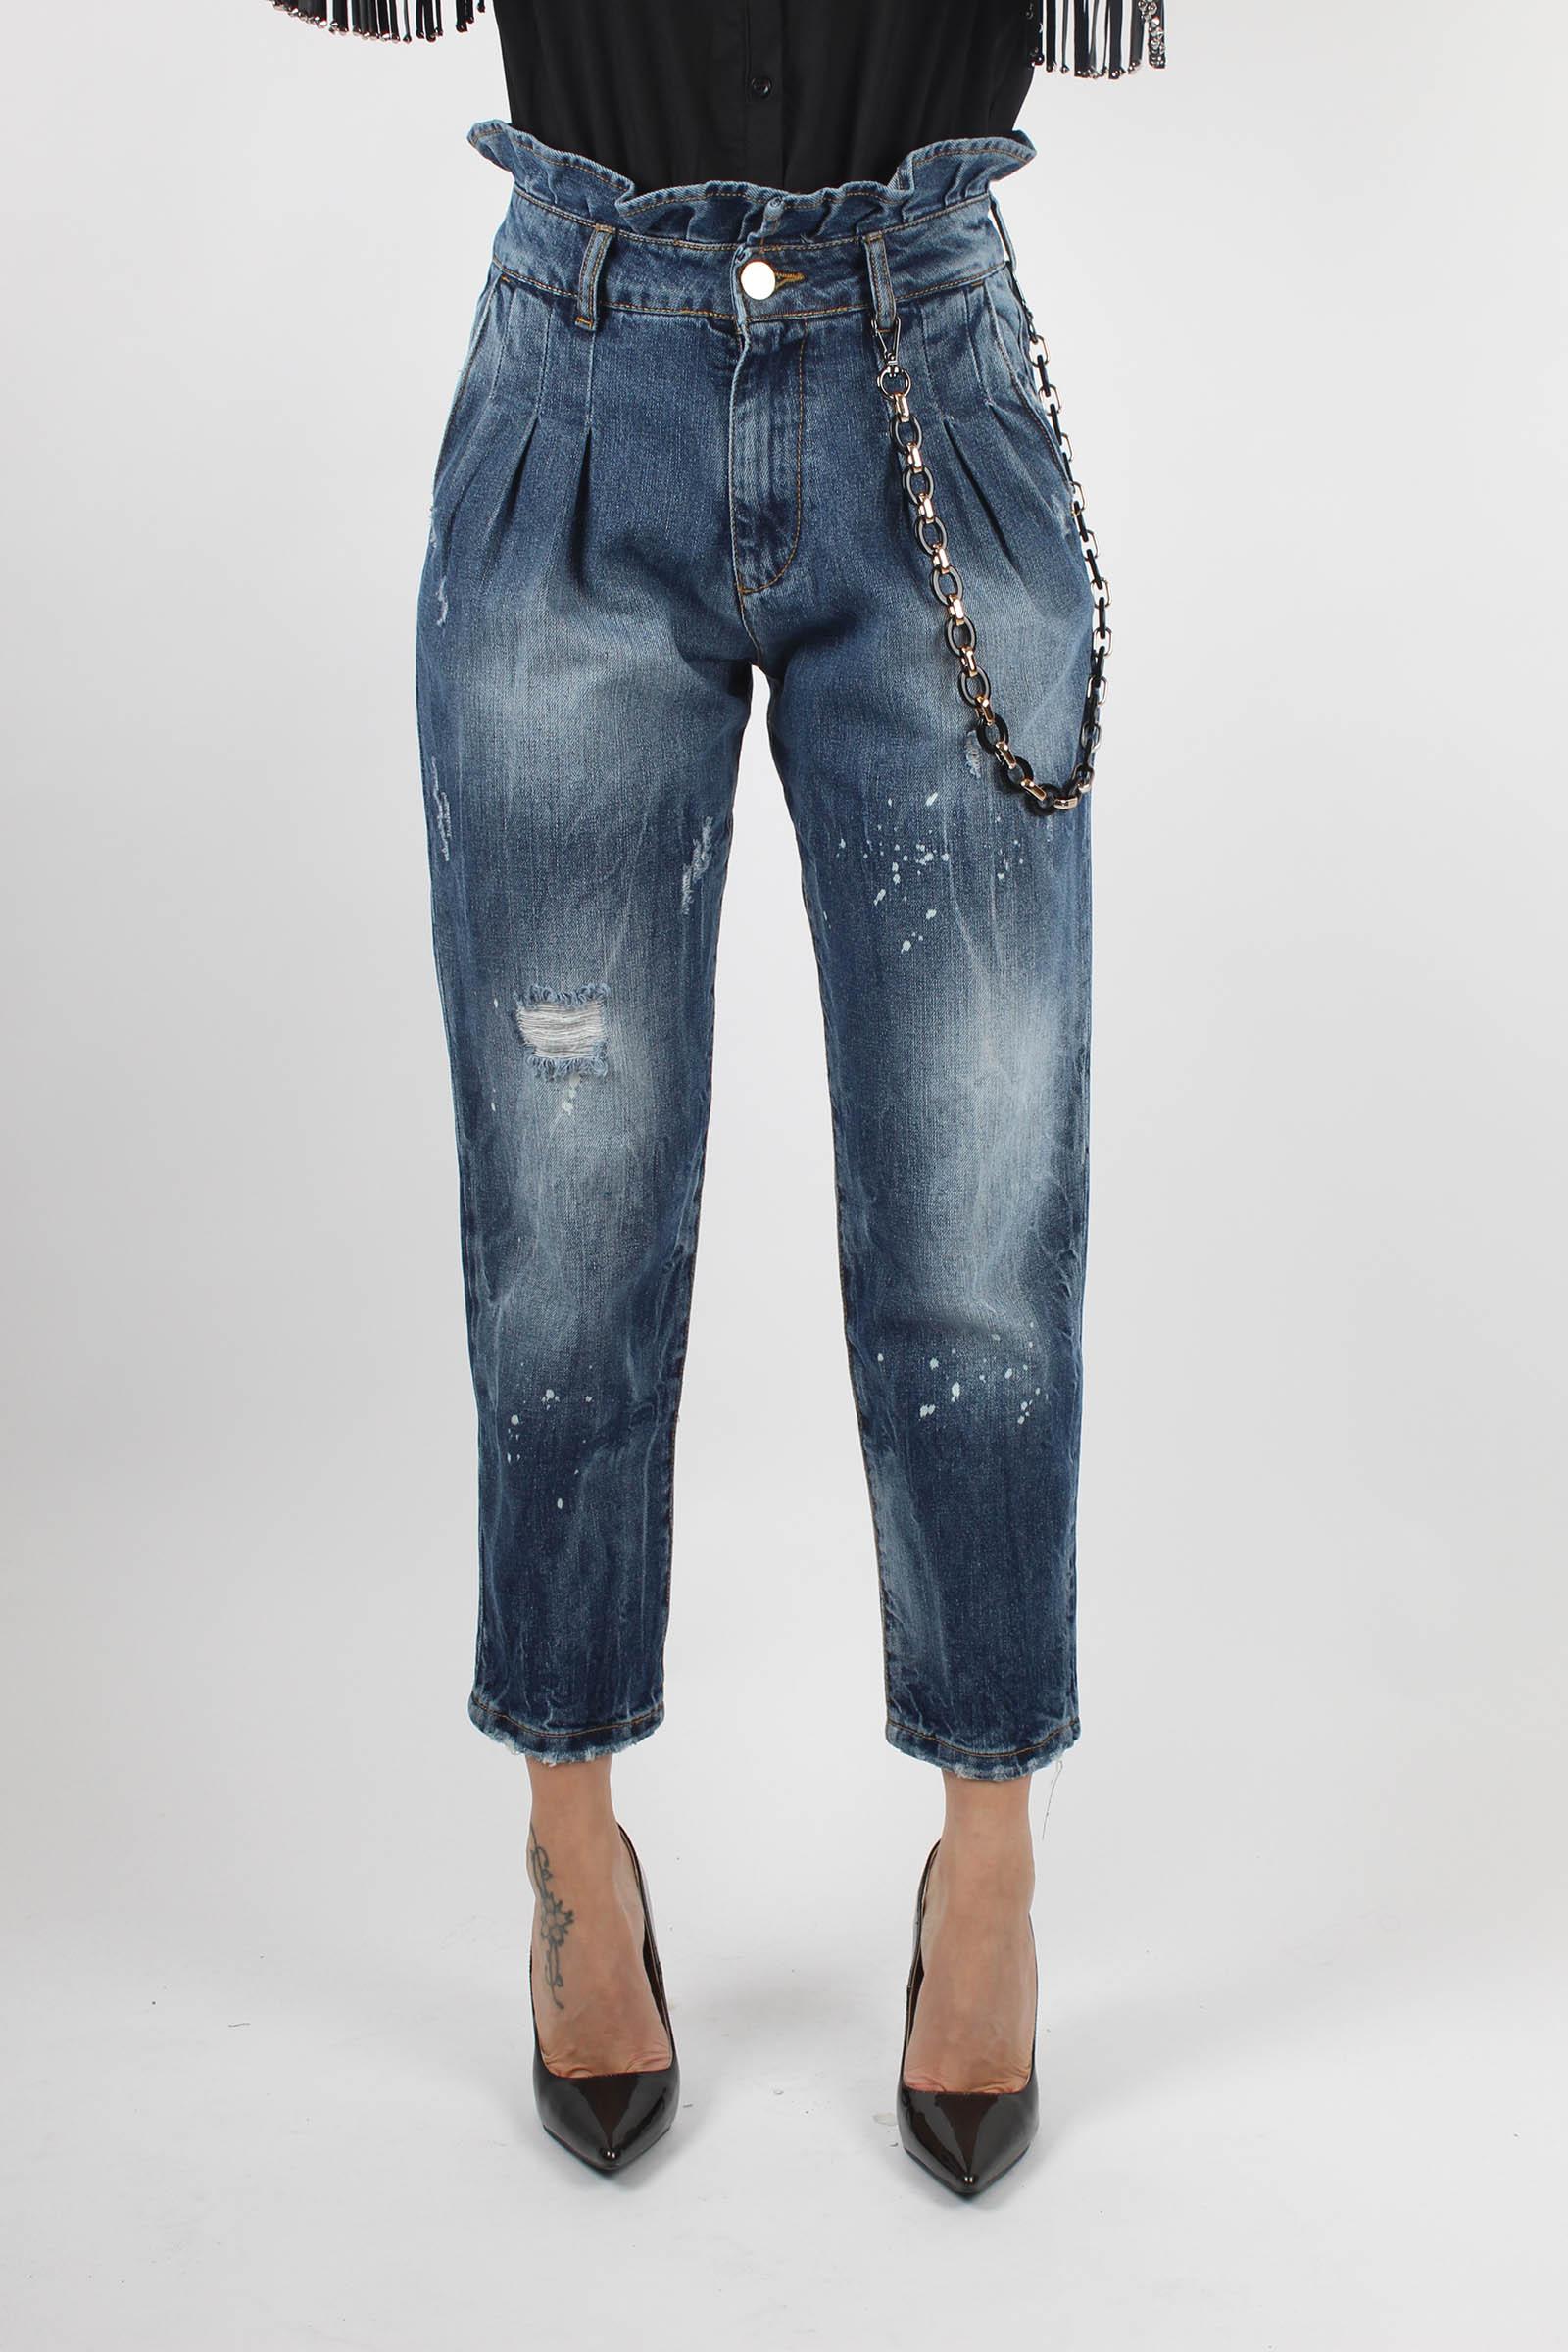 MAISON 9 PARIS | Jeans | M9FJ0441